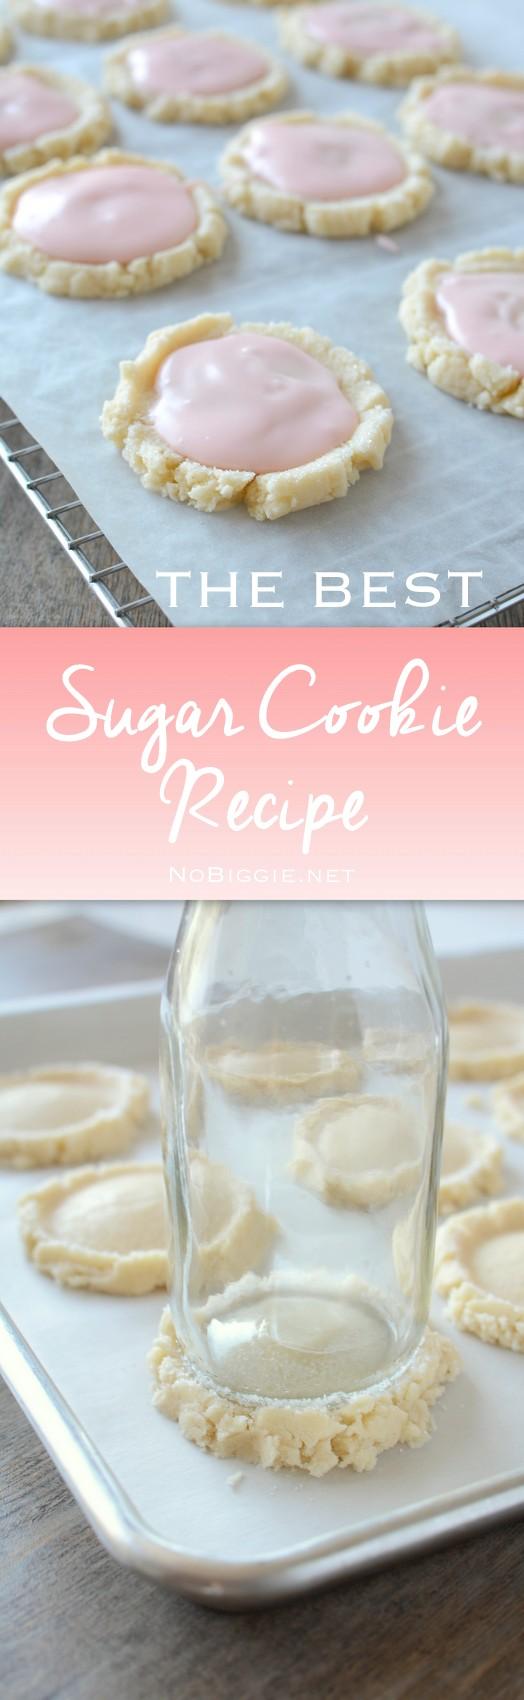 The best sugar cookie recipe - swig style | NoBiggie.net